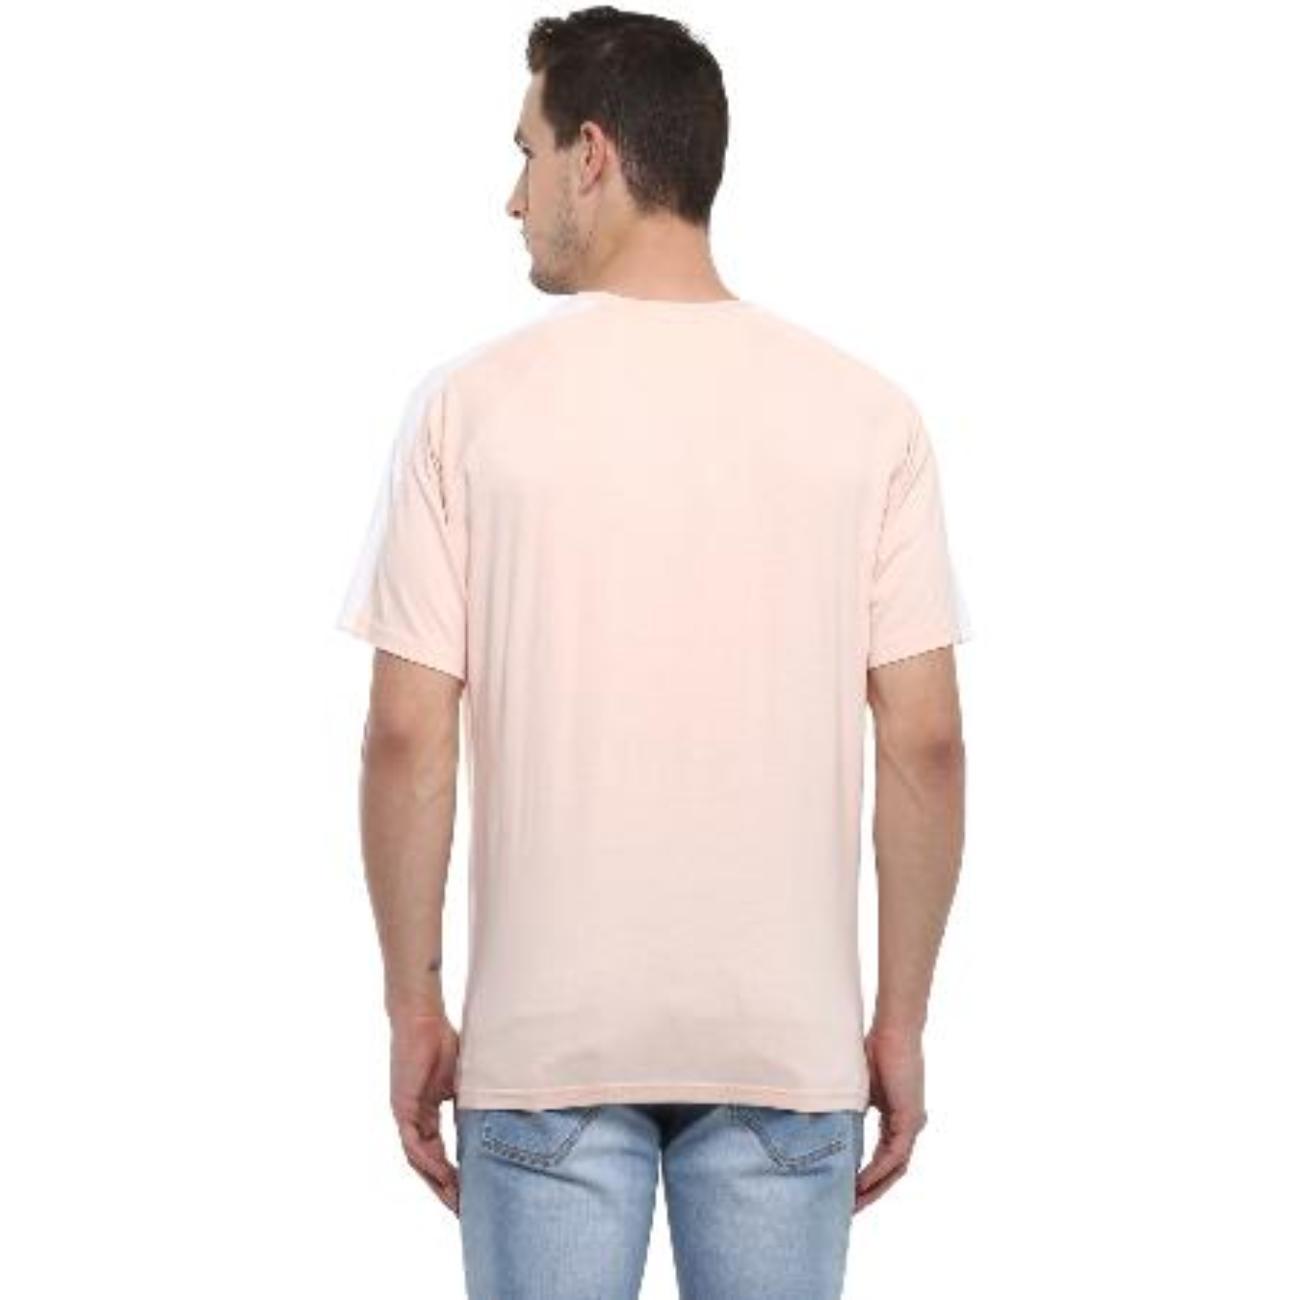 Plain TShirts for Men